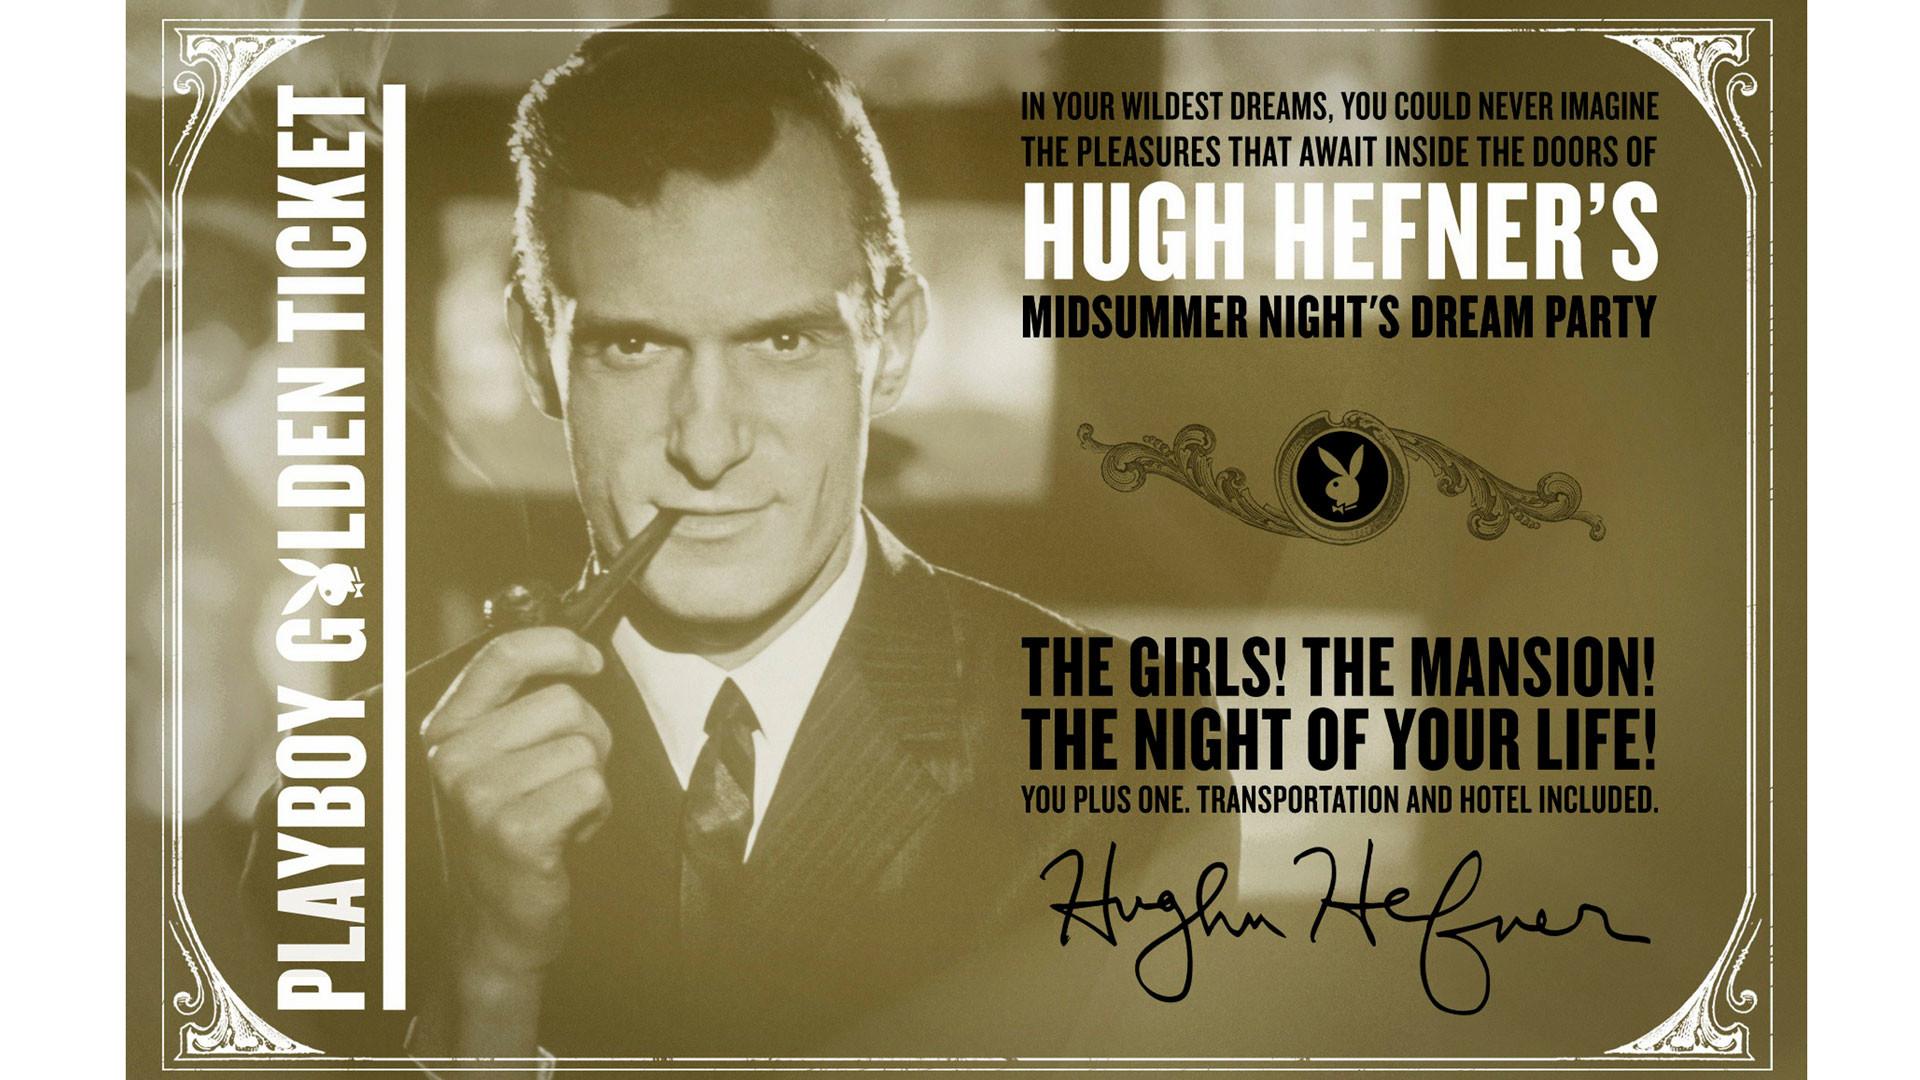 Золотой рекламный билет, предлагающий вход на вечеринку Хью Хефнера в особняке Playboy. Фото: © REUTERS/Playboy Enterprises